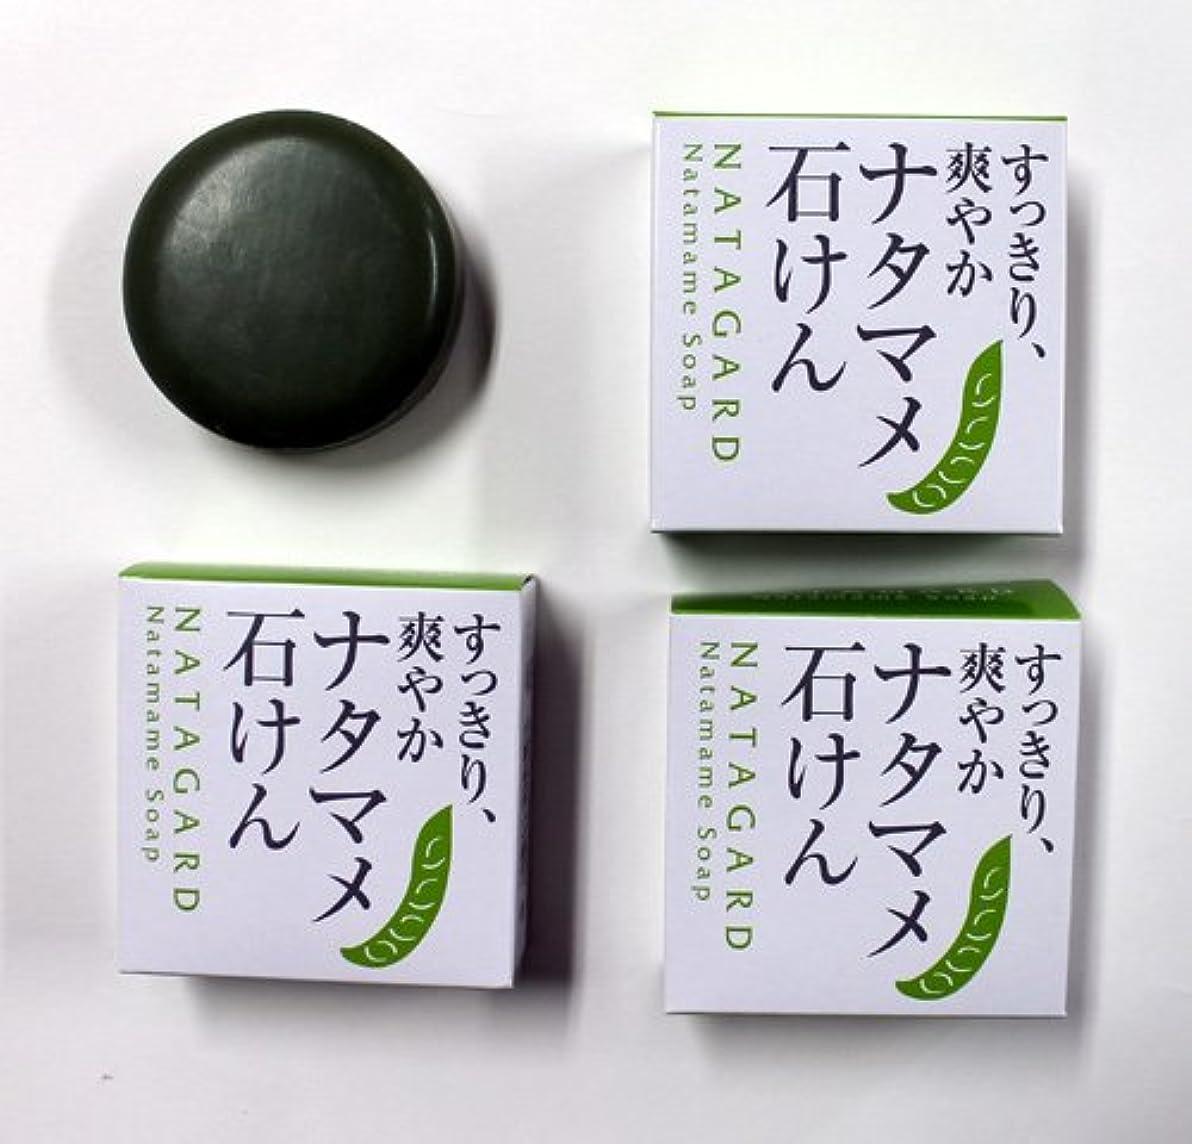 送信する感性織るナタマメ石けん ナタガード 3個セット